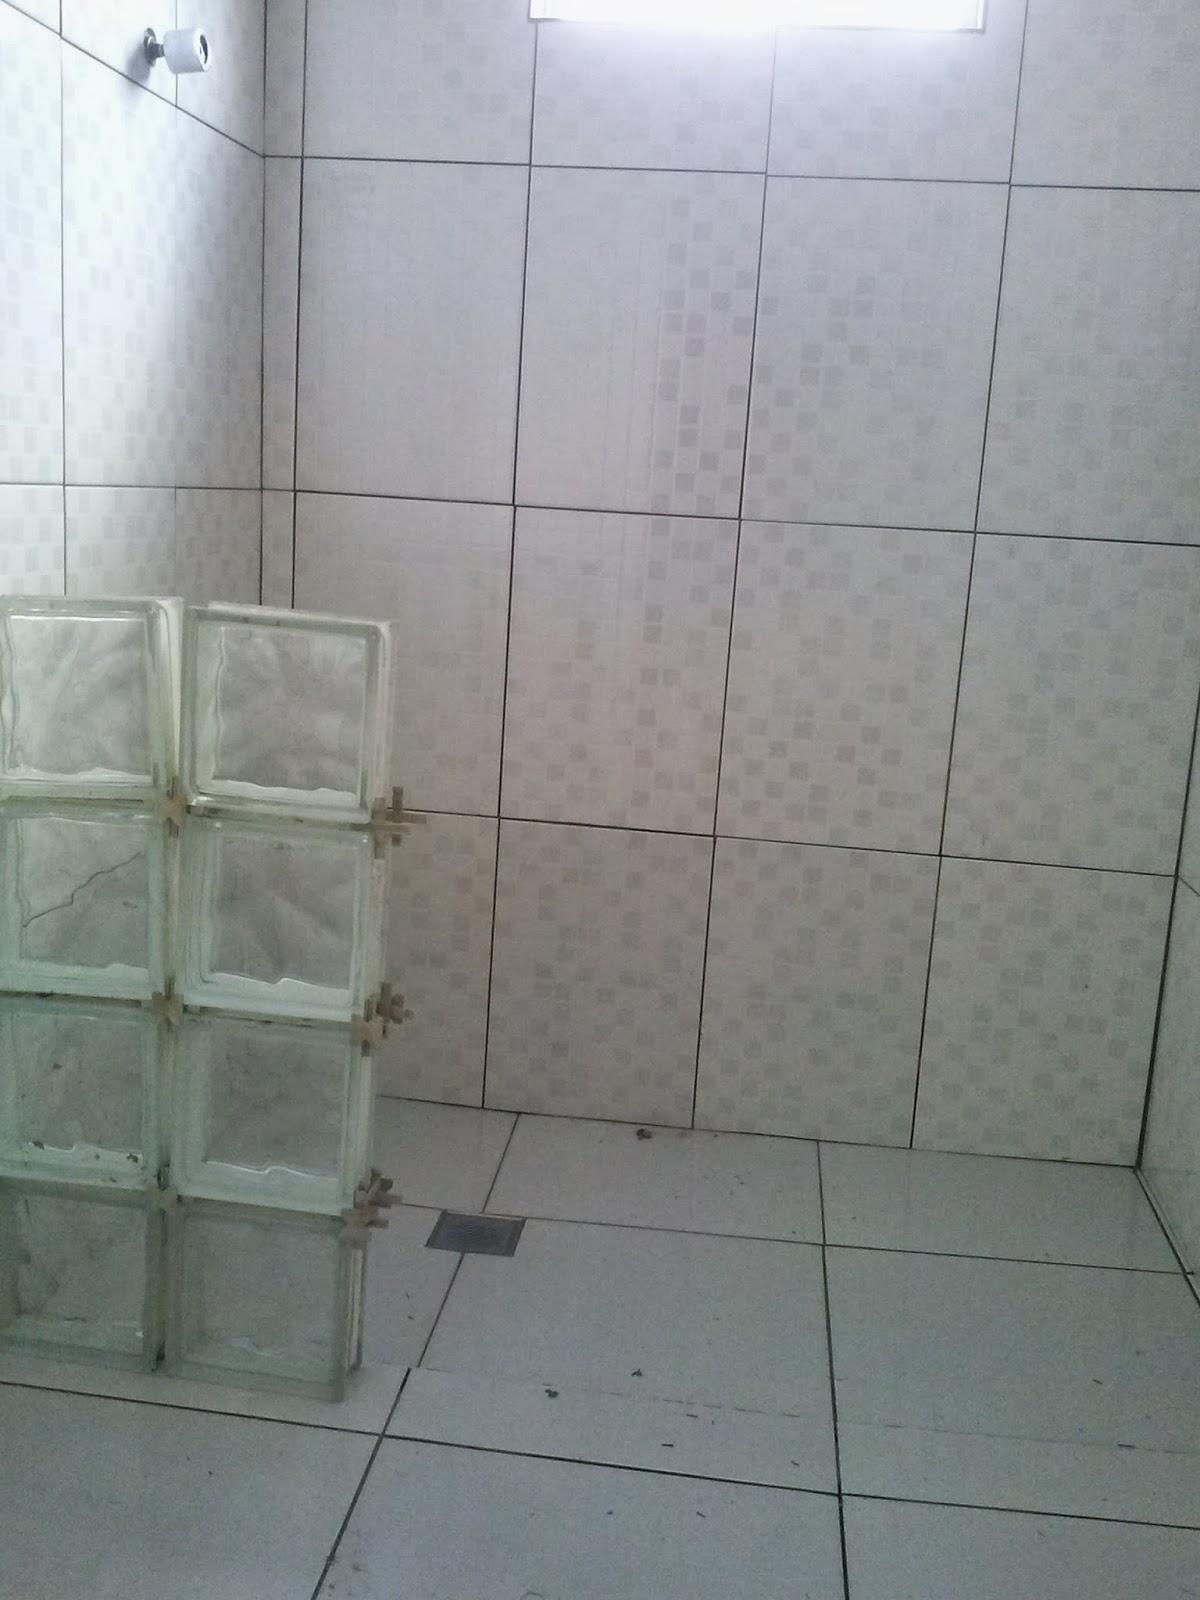 até que enfim o vaso está no lugar certo nesse banheiro rs #586073 1200x1600 Banheiro Azulejado